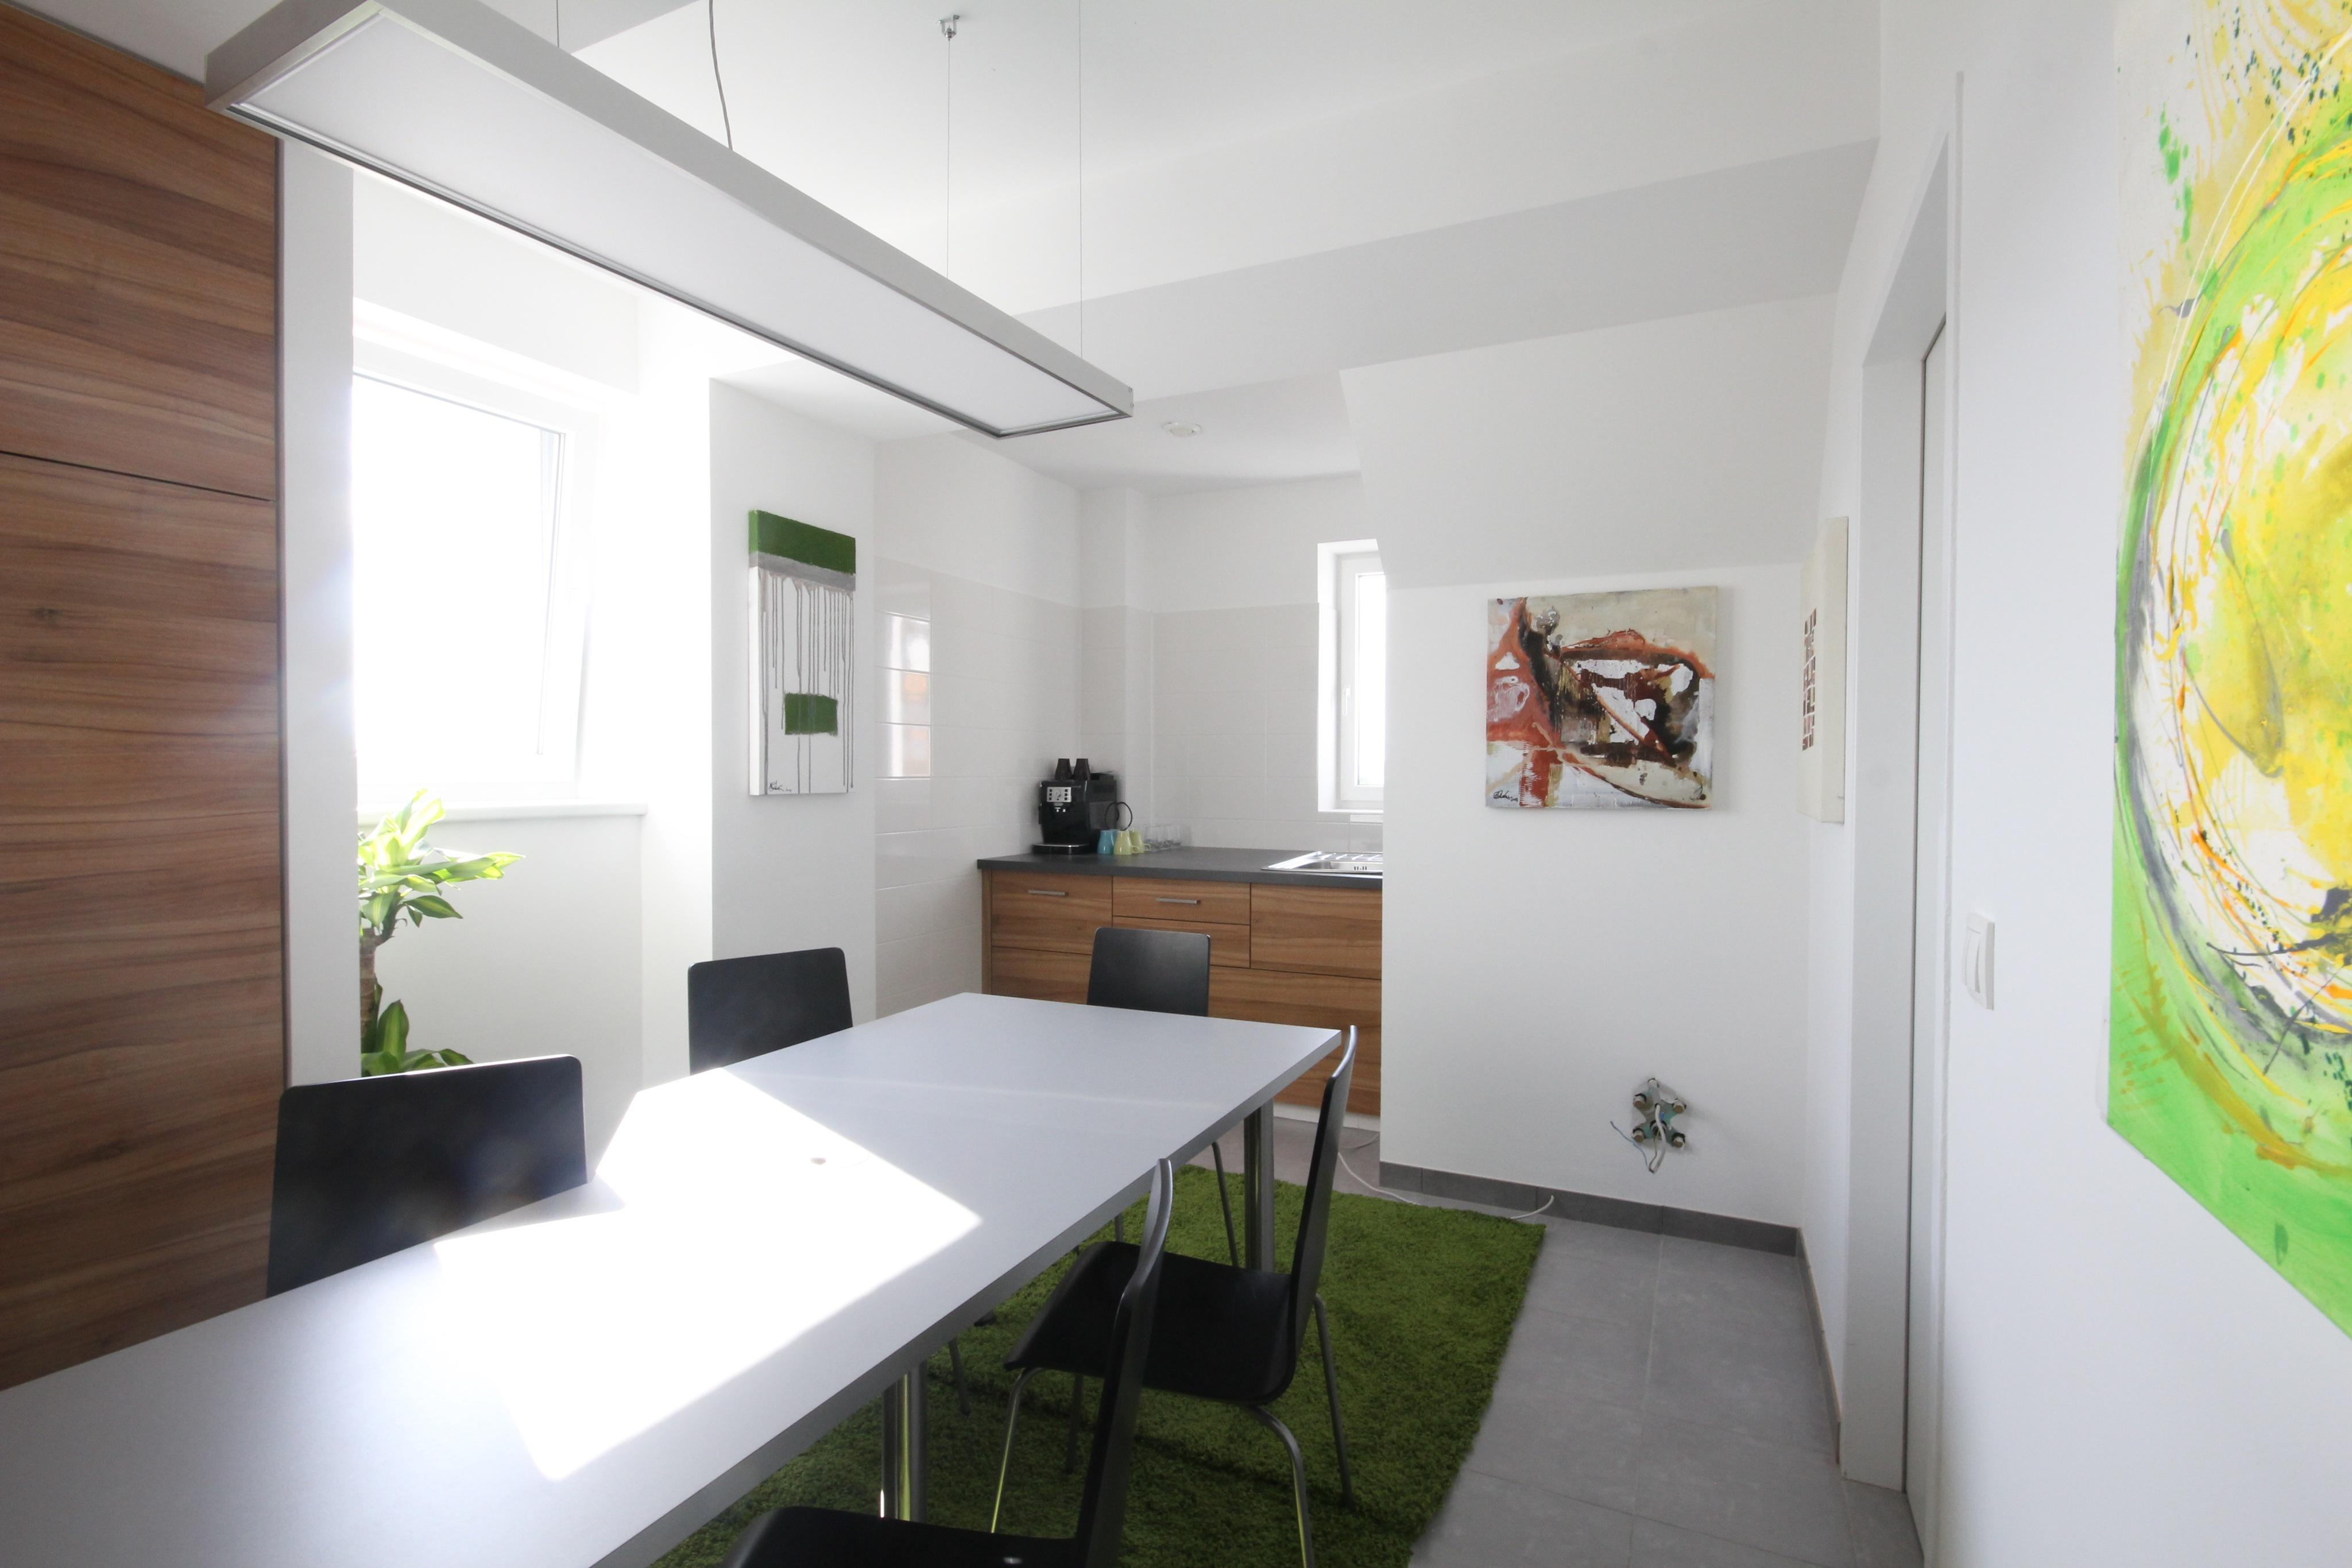 Besprechungszimmer Bilder Ideen Couch